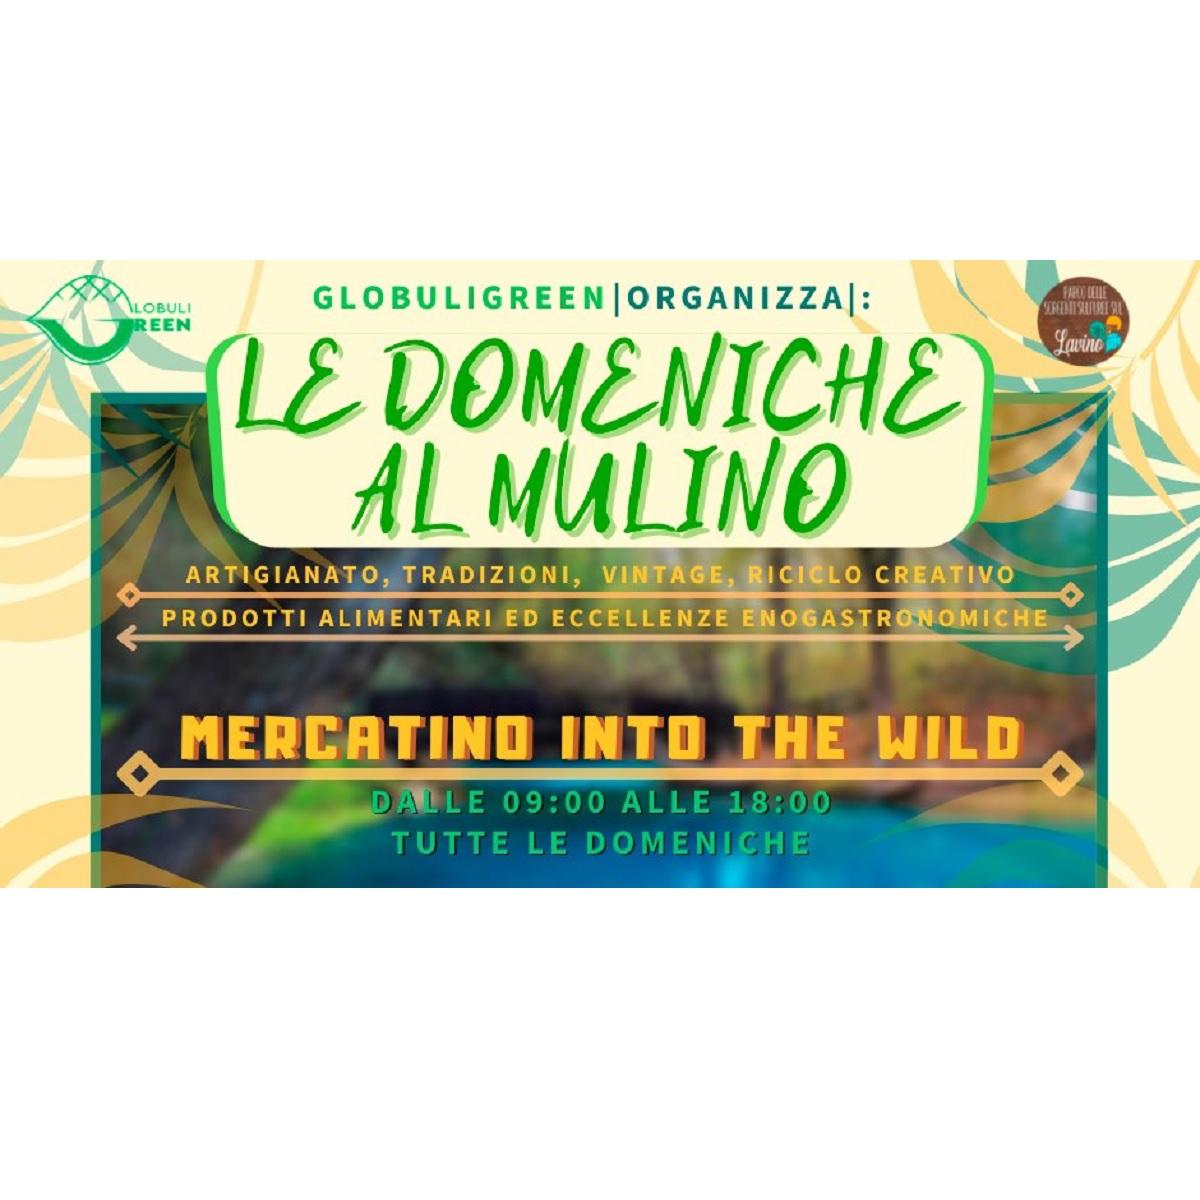 Le domeniche al mulino - Mercatino into the wild a Scafa foto